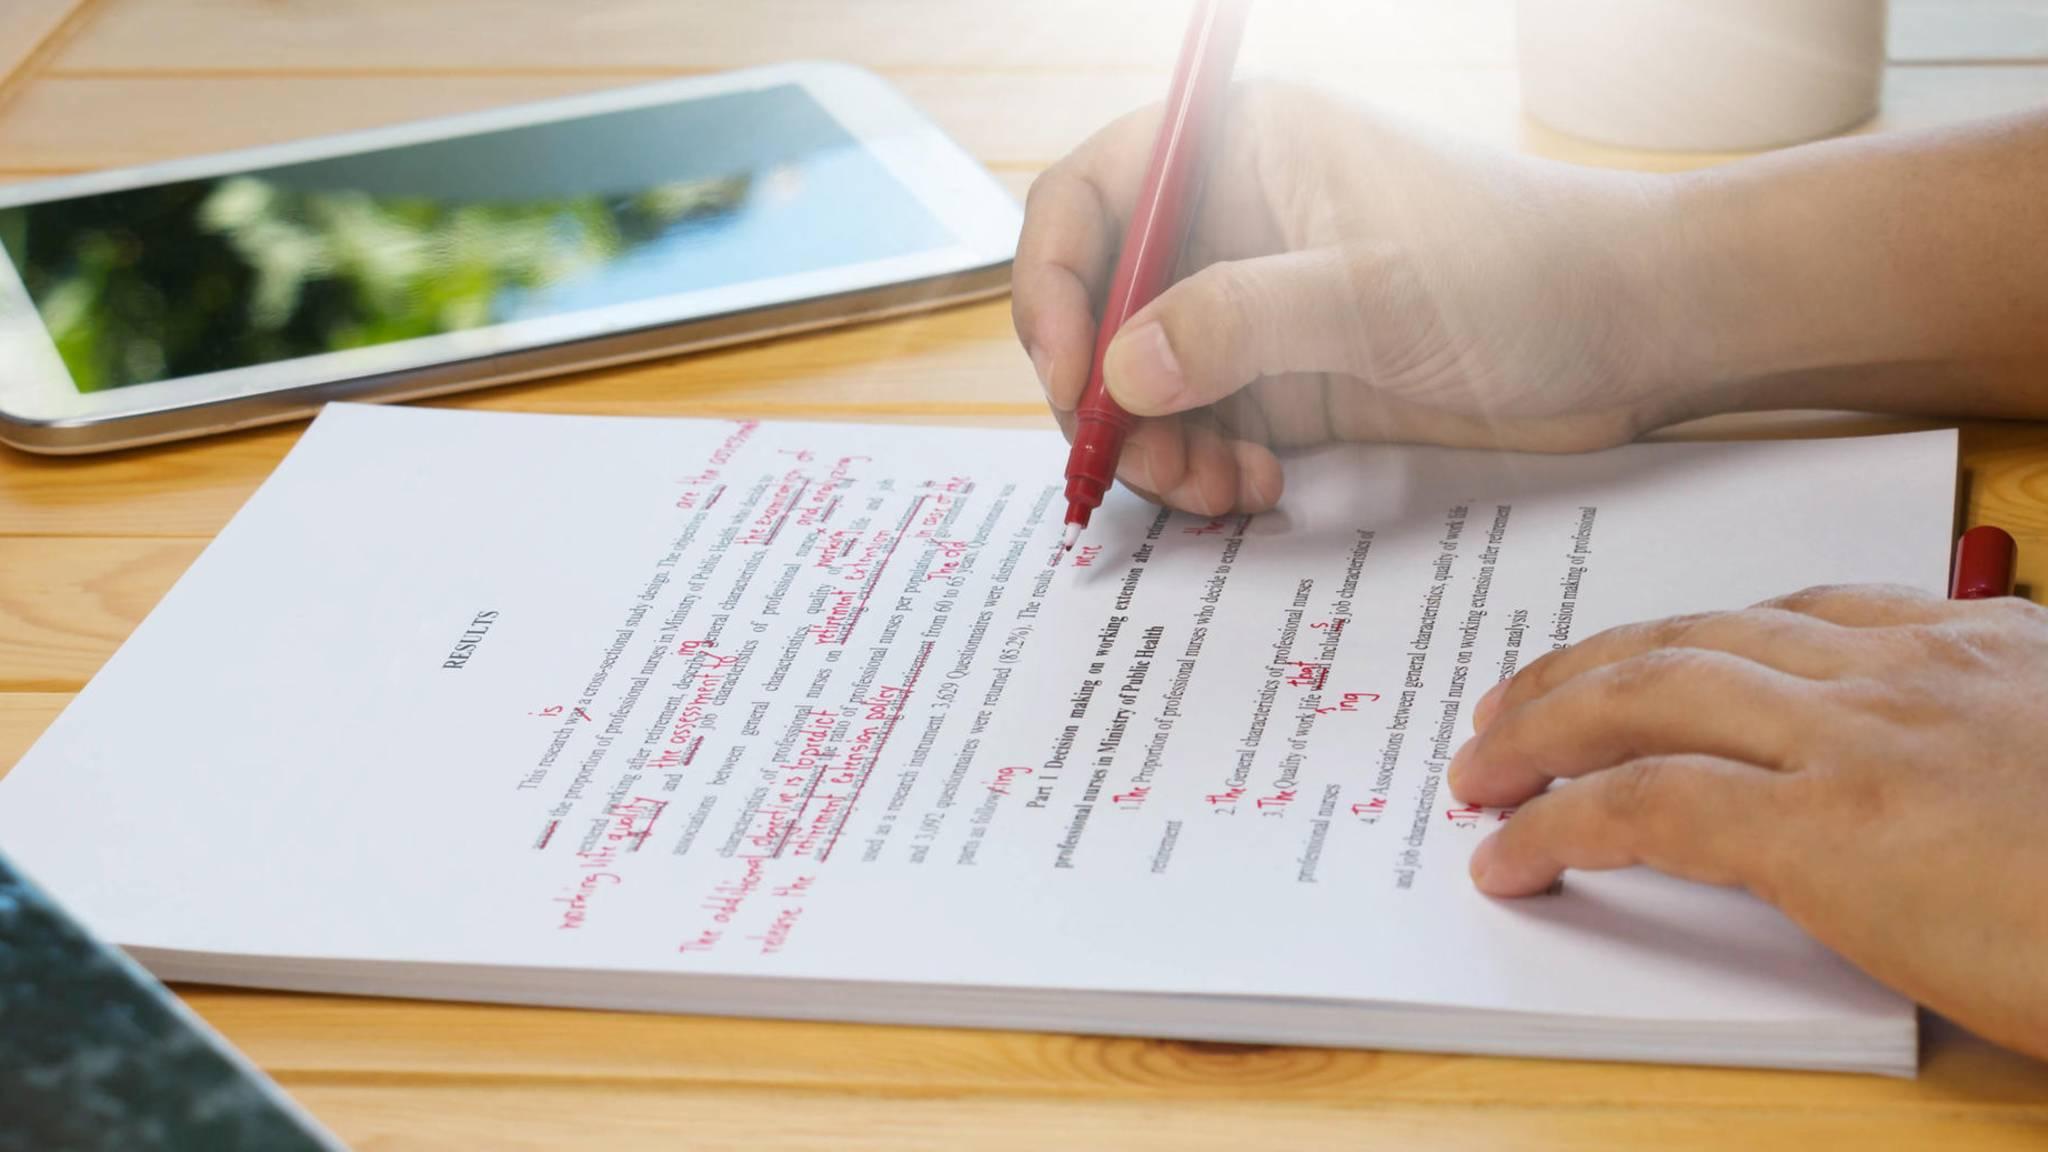 Rechtschreibung Testen Sie Ihr Wissen Im Rätsel